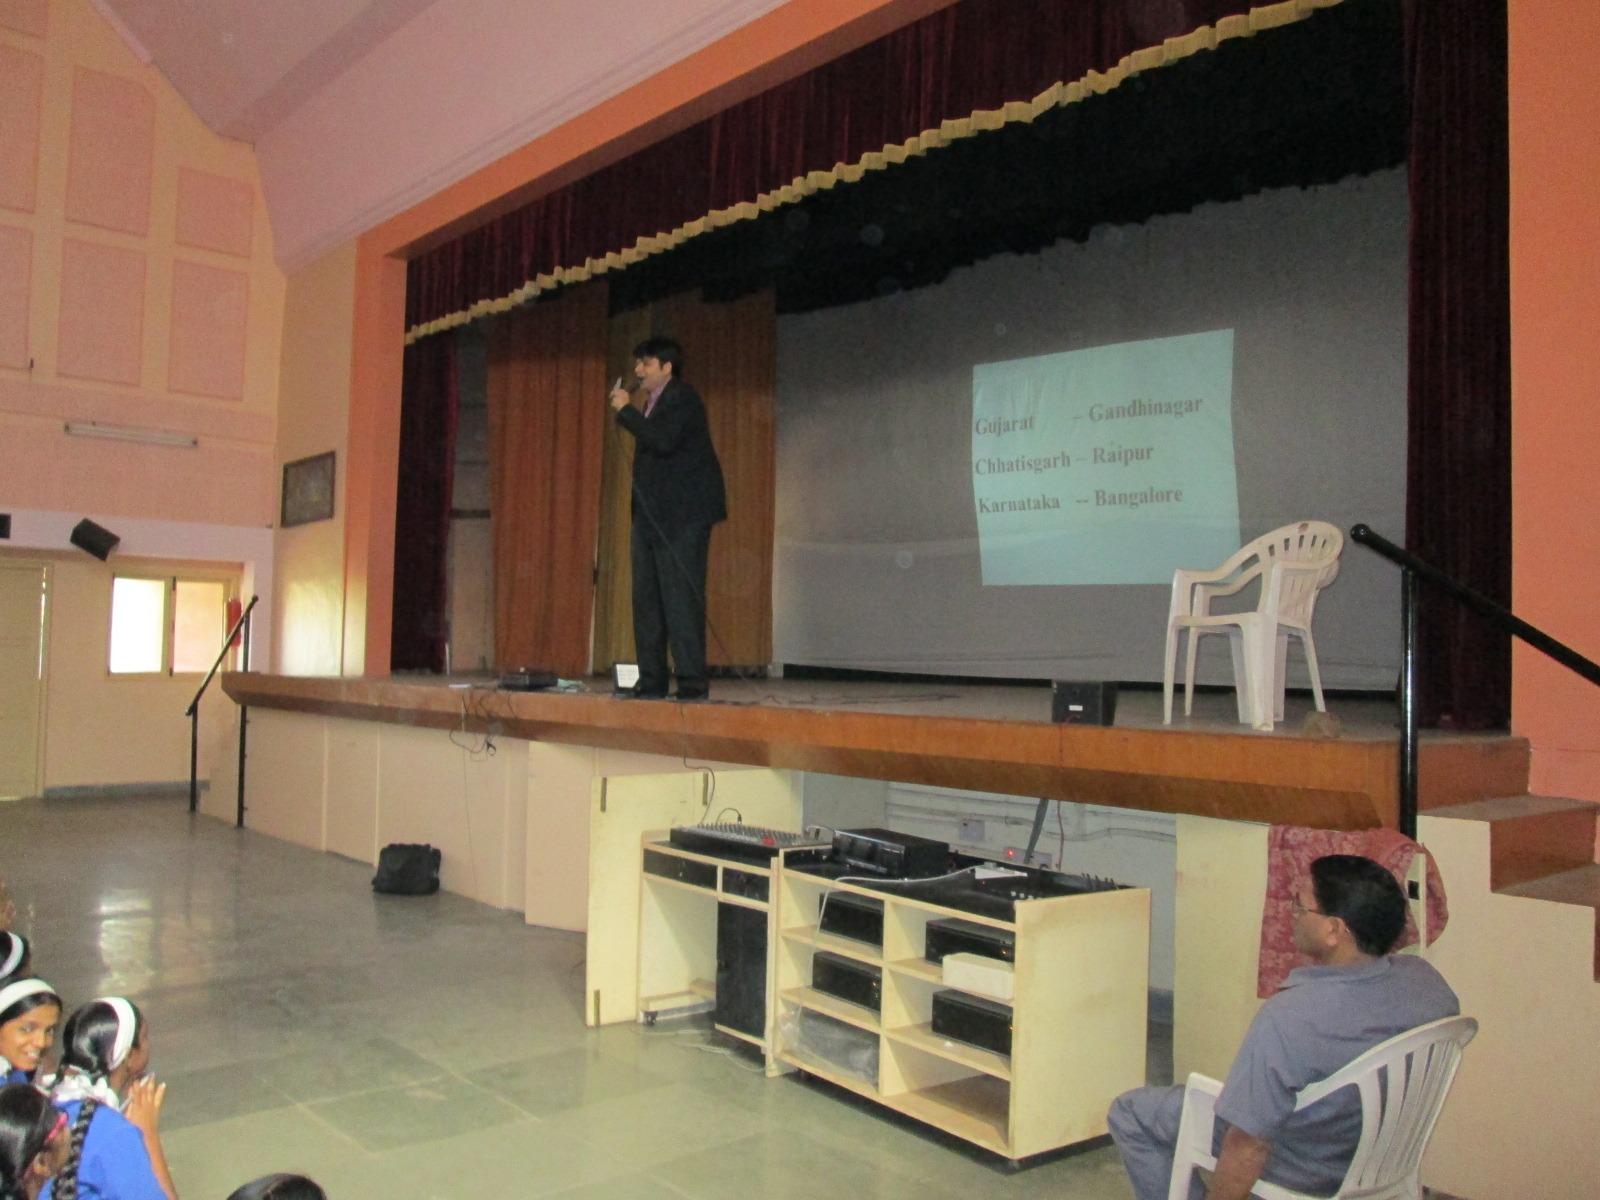 Dhaval Bathia teaching a memory trick - Copy